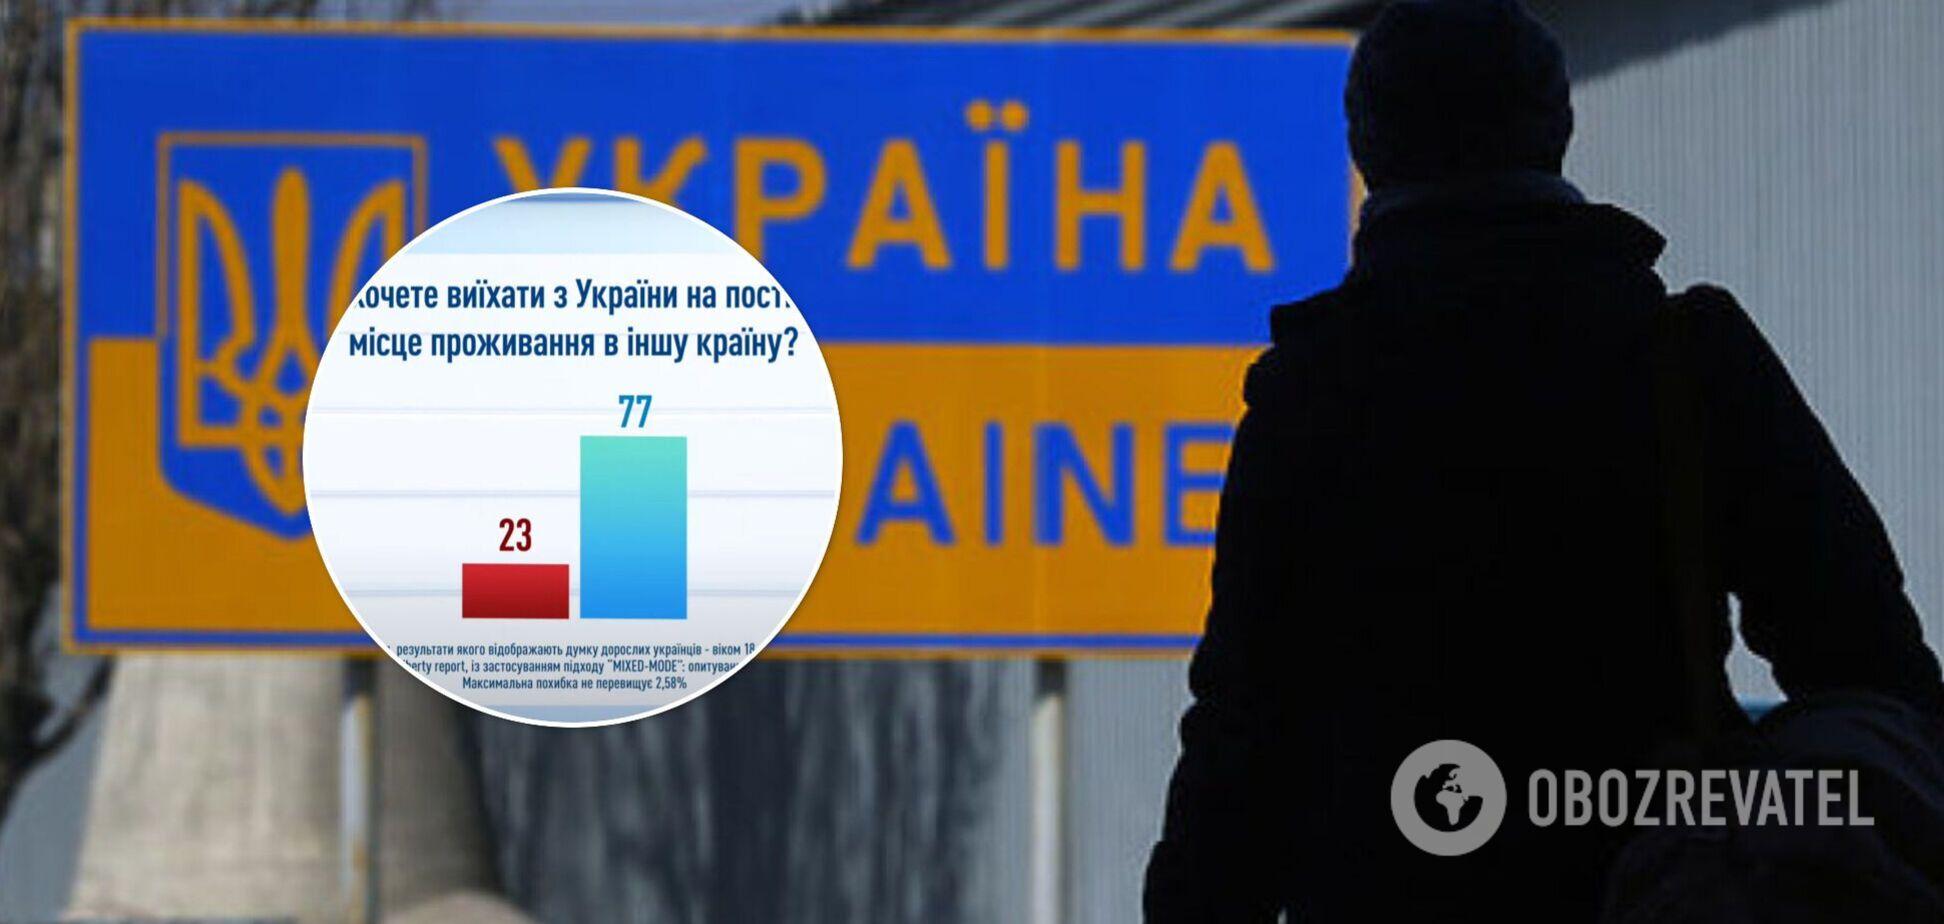 Из Украины хотели бы выехать четверть опрошенных граждан. Инфографика